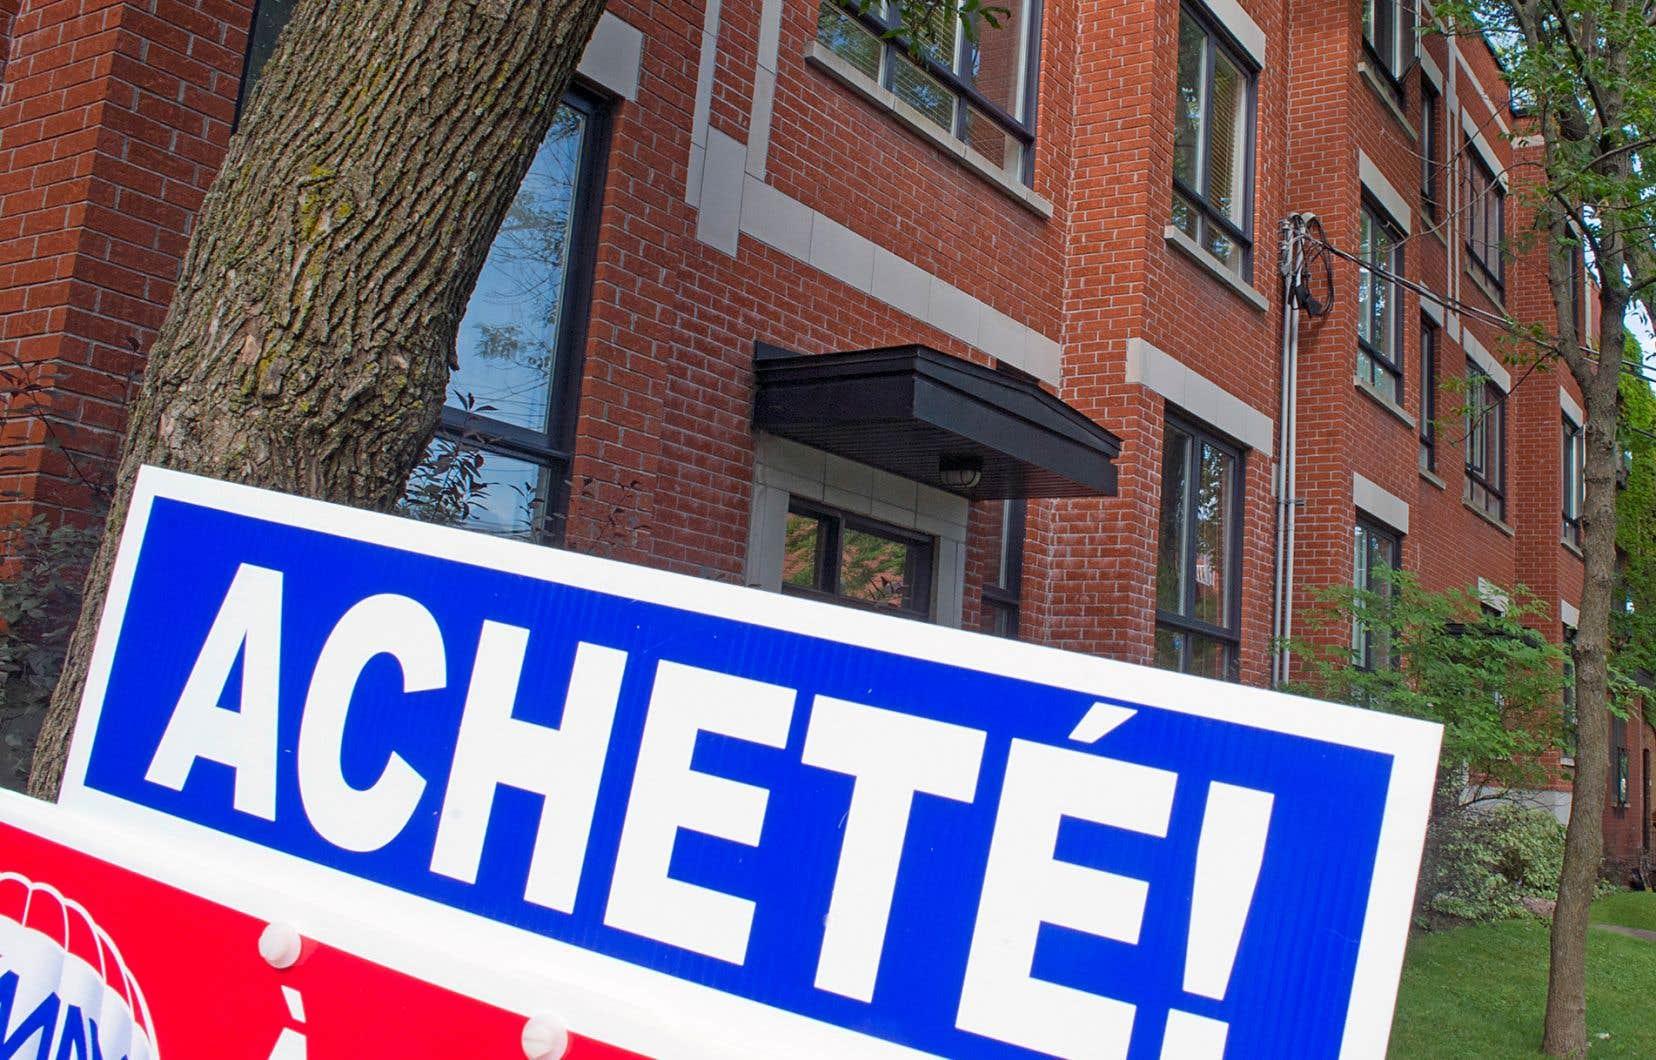 Le prix moyen des maisons sur le territoire montréalais a augmenté de presque 5% en un an.